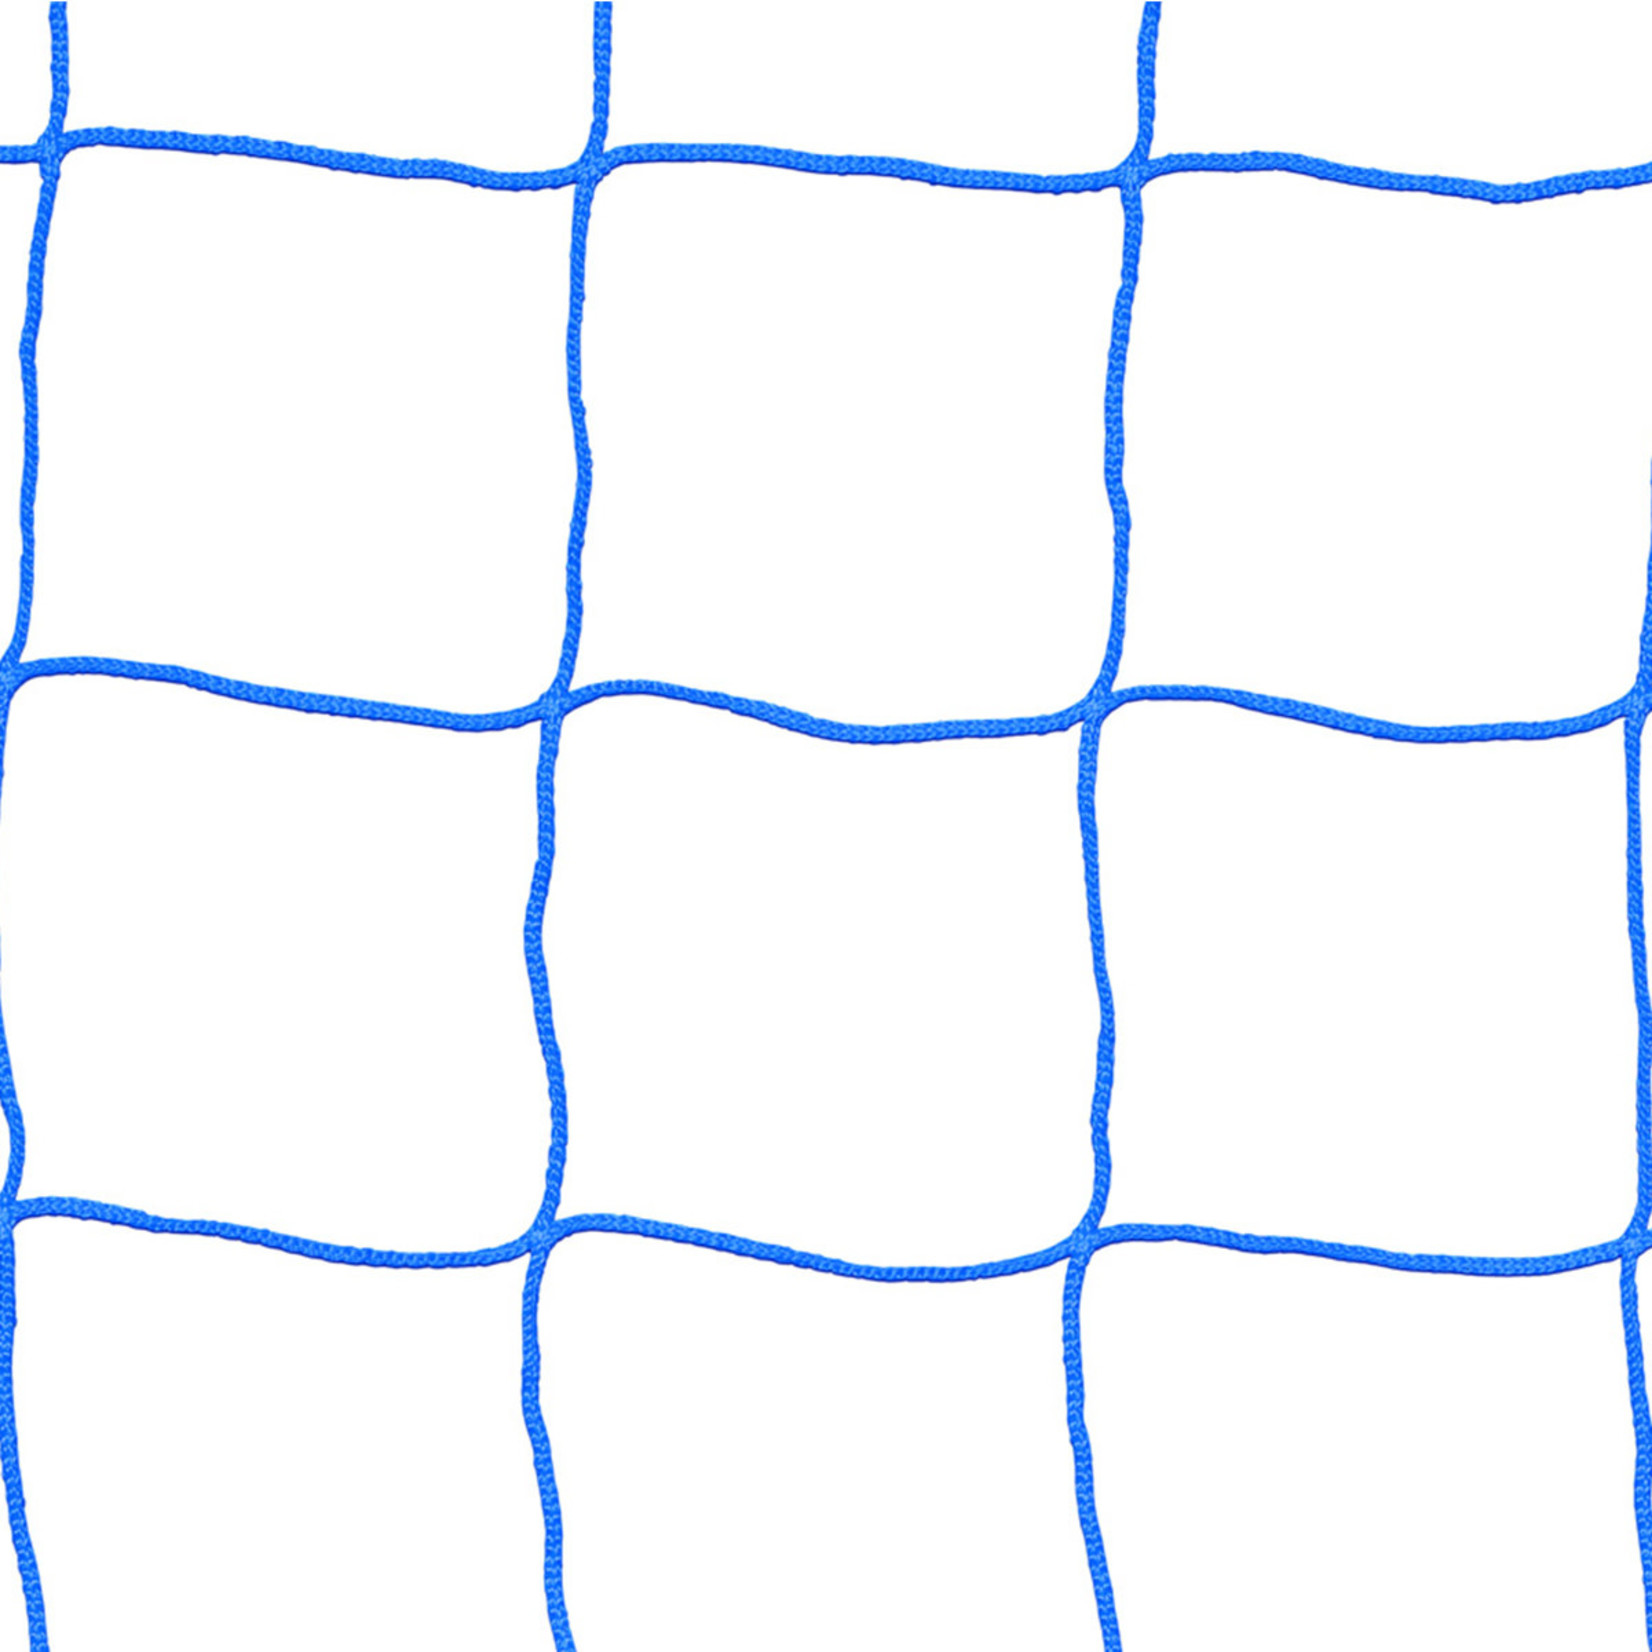 KWIK GOAL 5H x 10W x 0D x 5B, 120mm mesh, 2mm Solid Braid Knotless Net